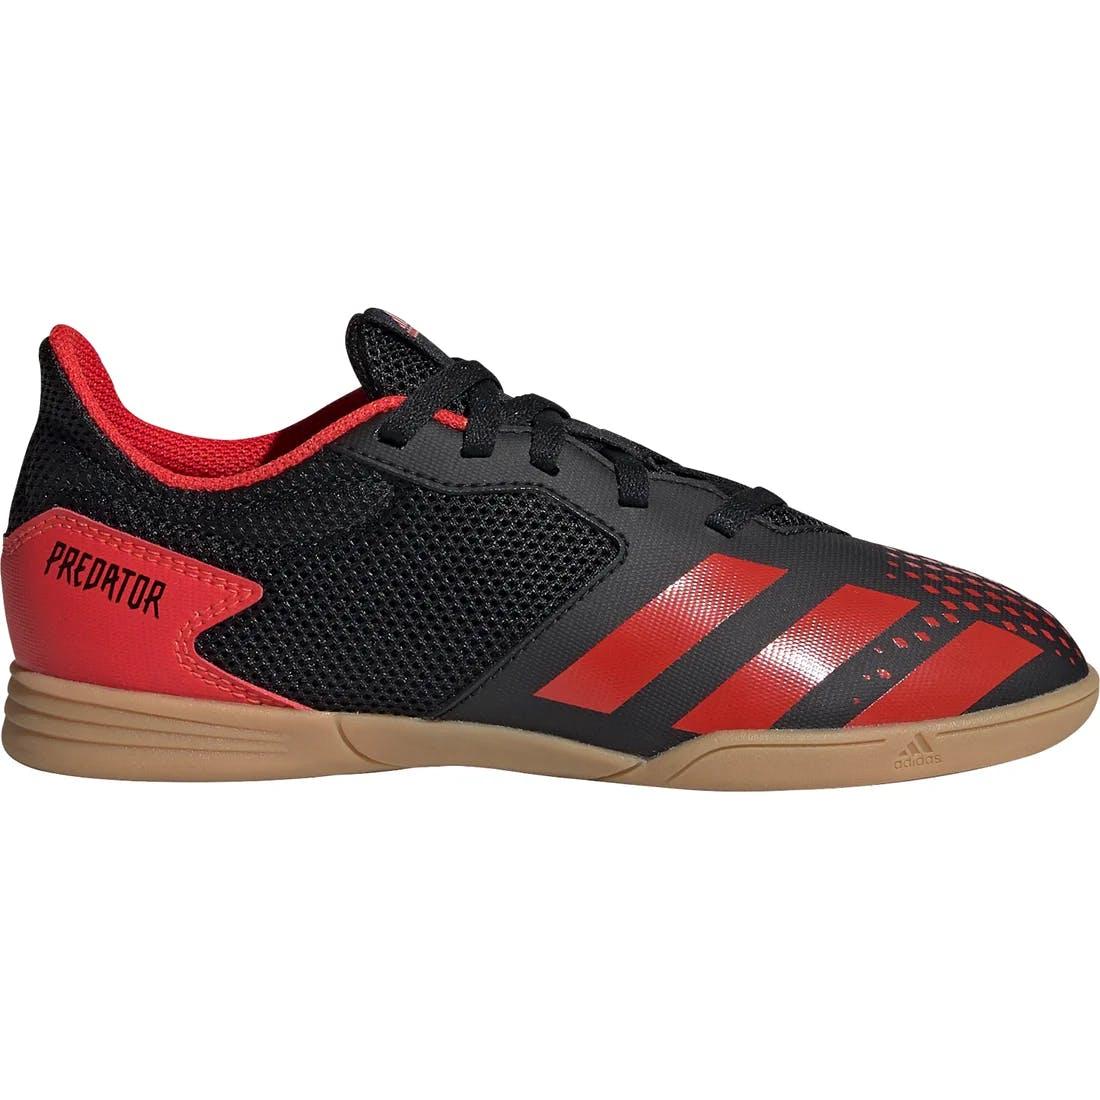 Adidas KIDS INDOOR FUSSBALLSCHUHE PREDATOR 20.4 ( Gr. 28 - 38 2/3 ) für 11,69 € + 3,90 € VSK